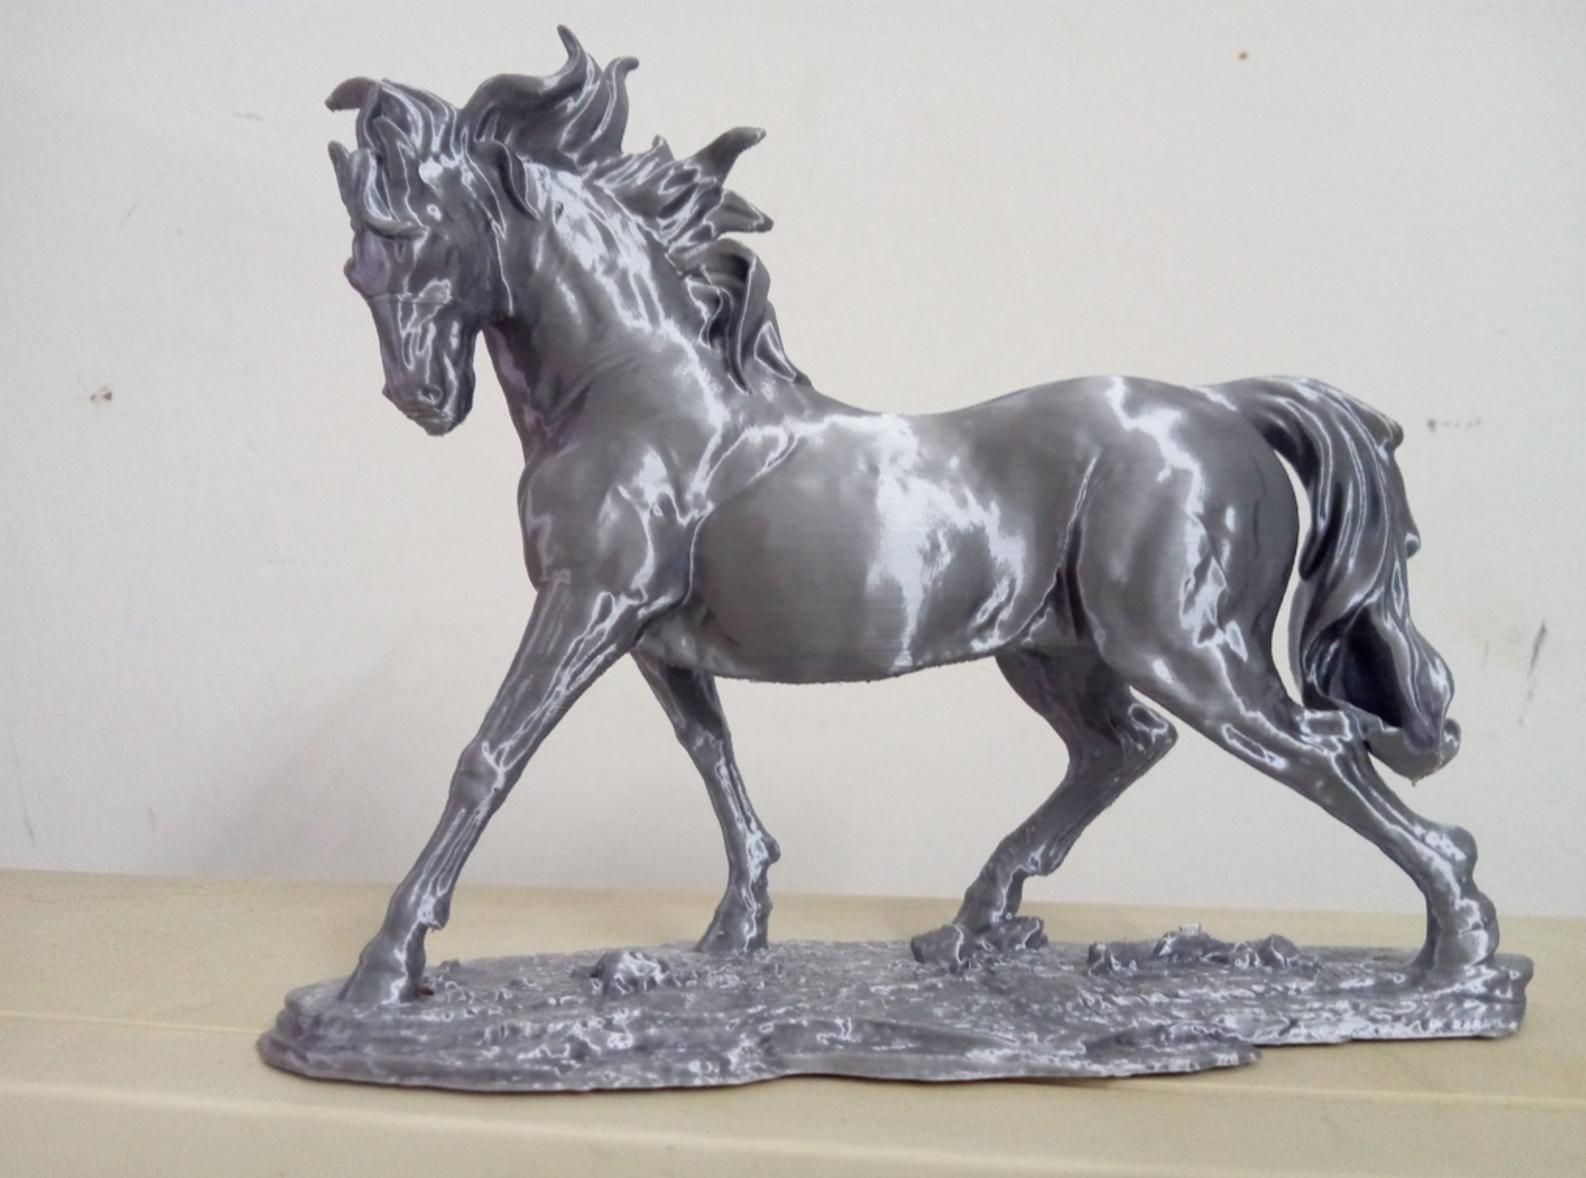 Horse 3D printing2.png Télécharger fichier STL gratuit Cheval • Modèle à imprimer en 3D, stronghero3d